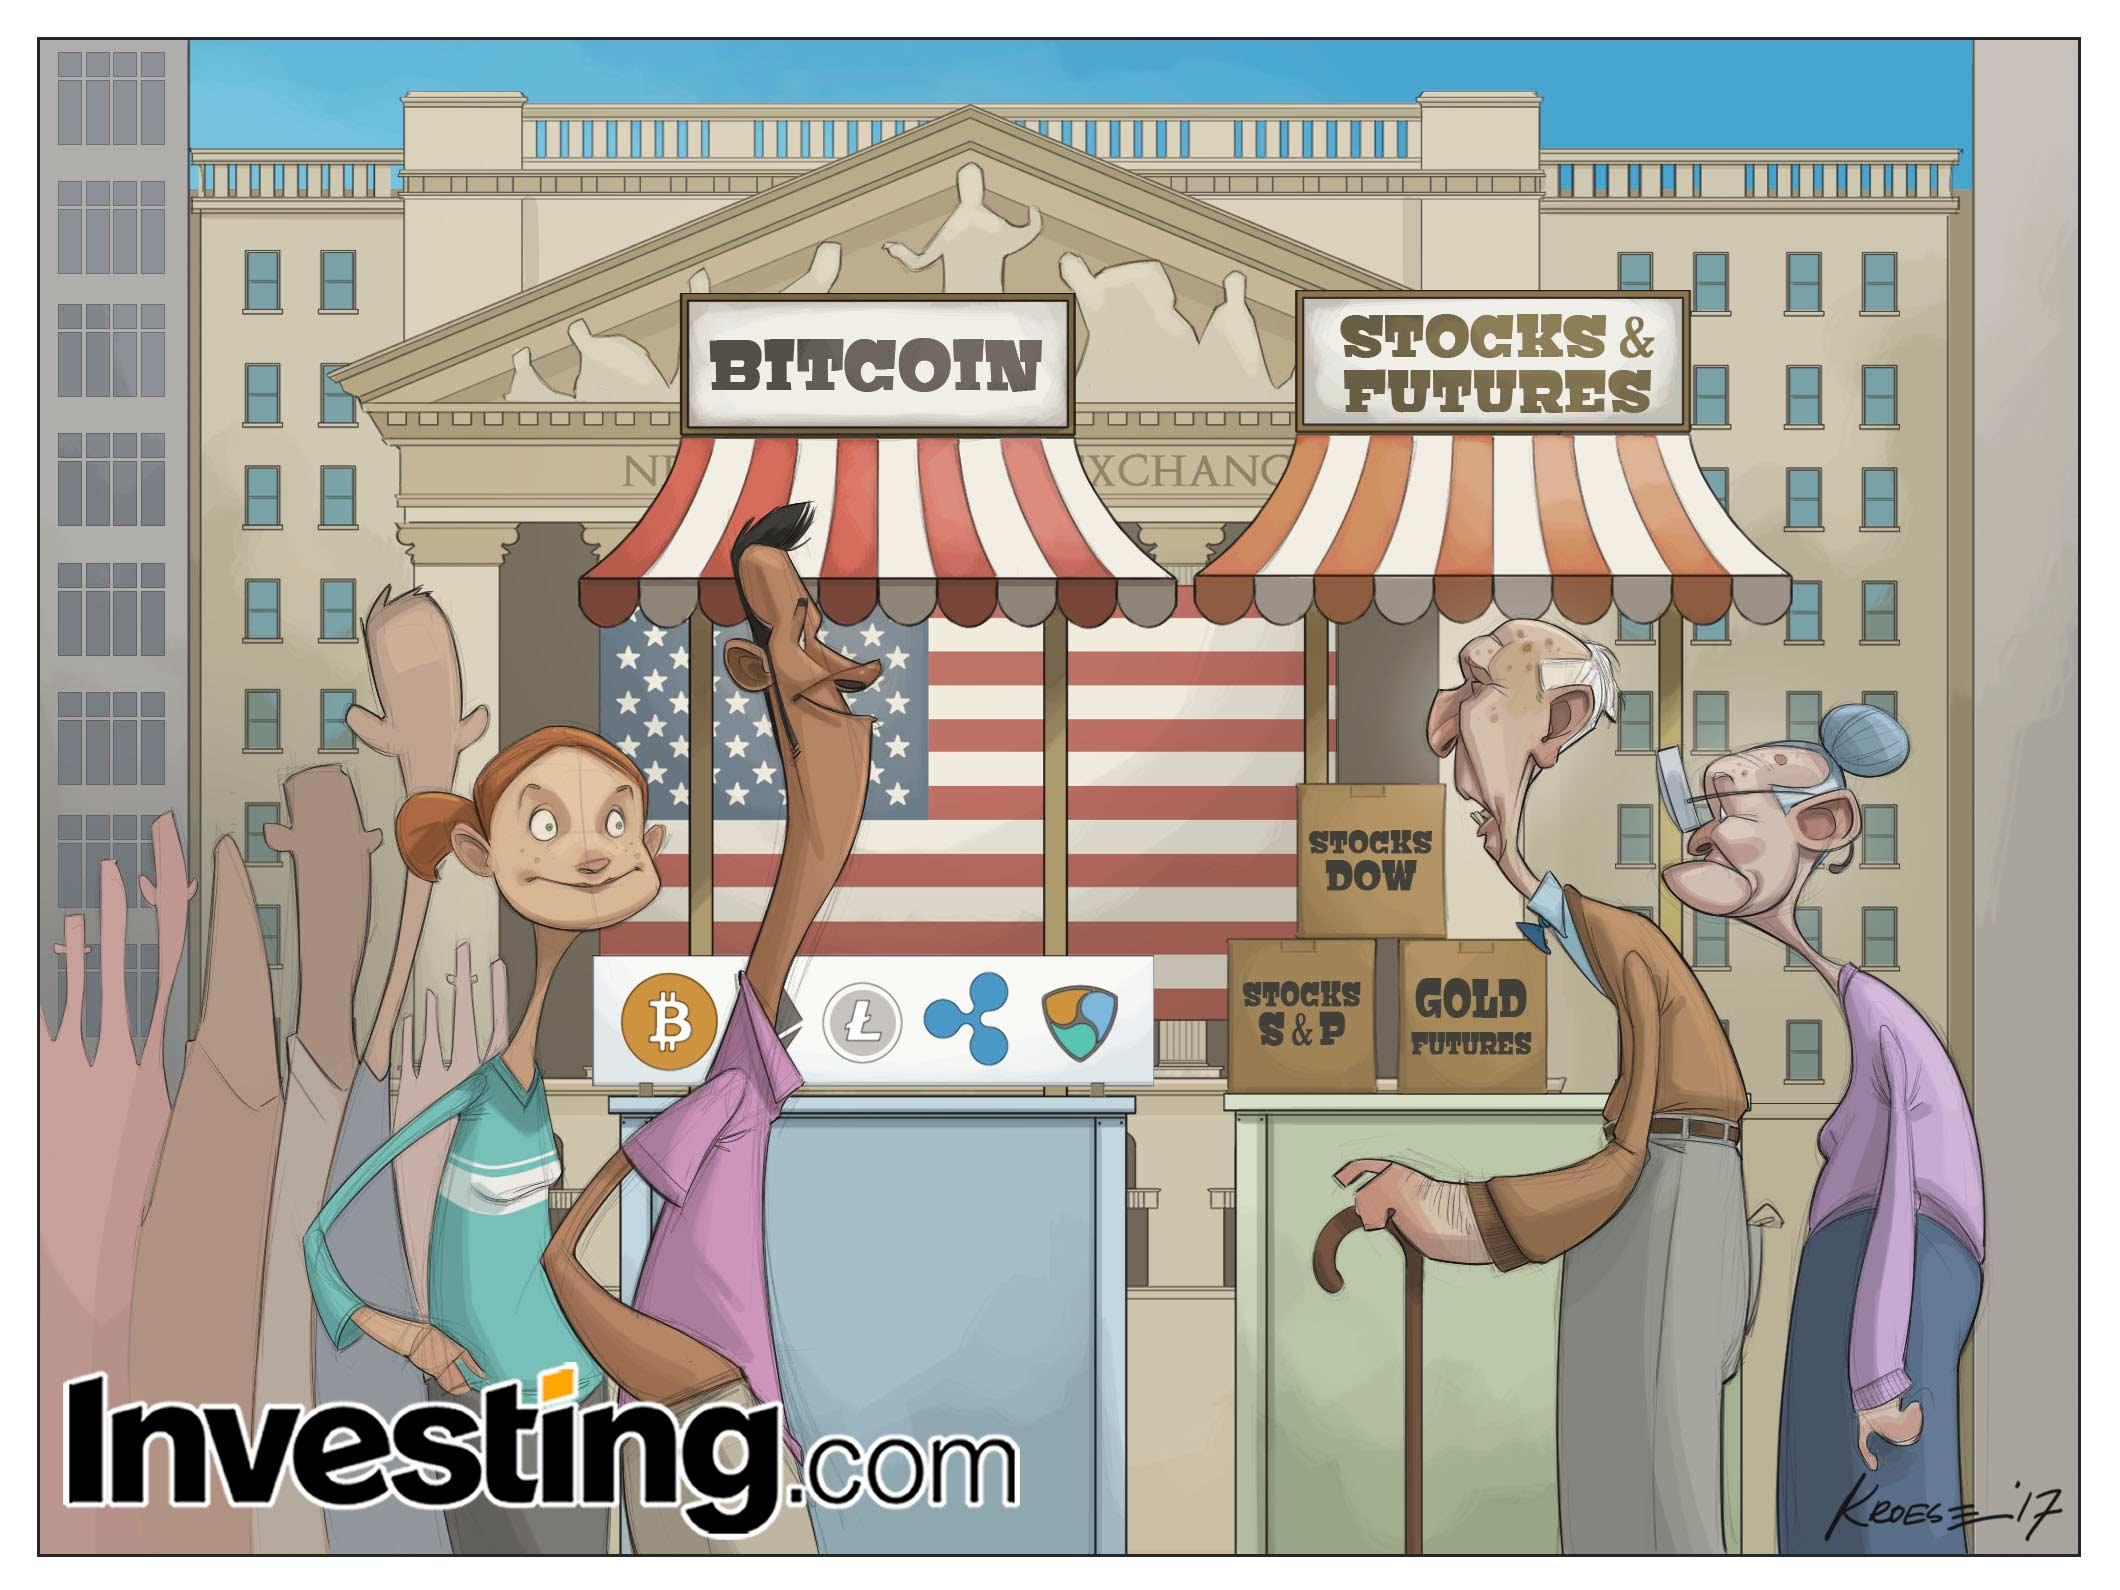 ビットコインや他の暗号通貨への関心が高まっています。 お祝いするため、新しい暗号通貨専用のアプリの提供を開始しました.